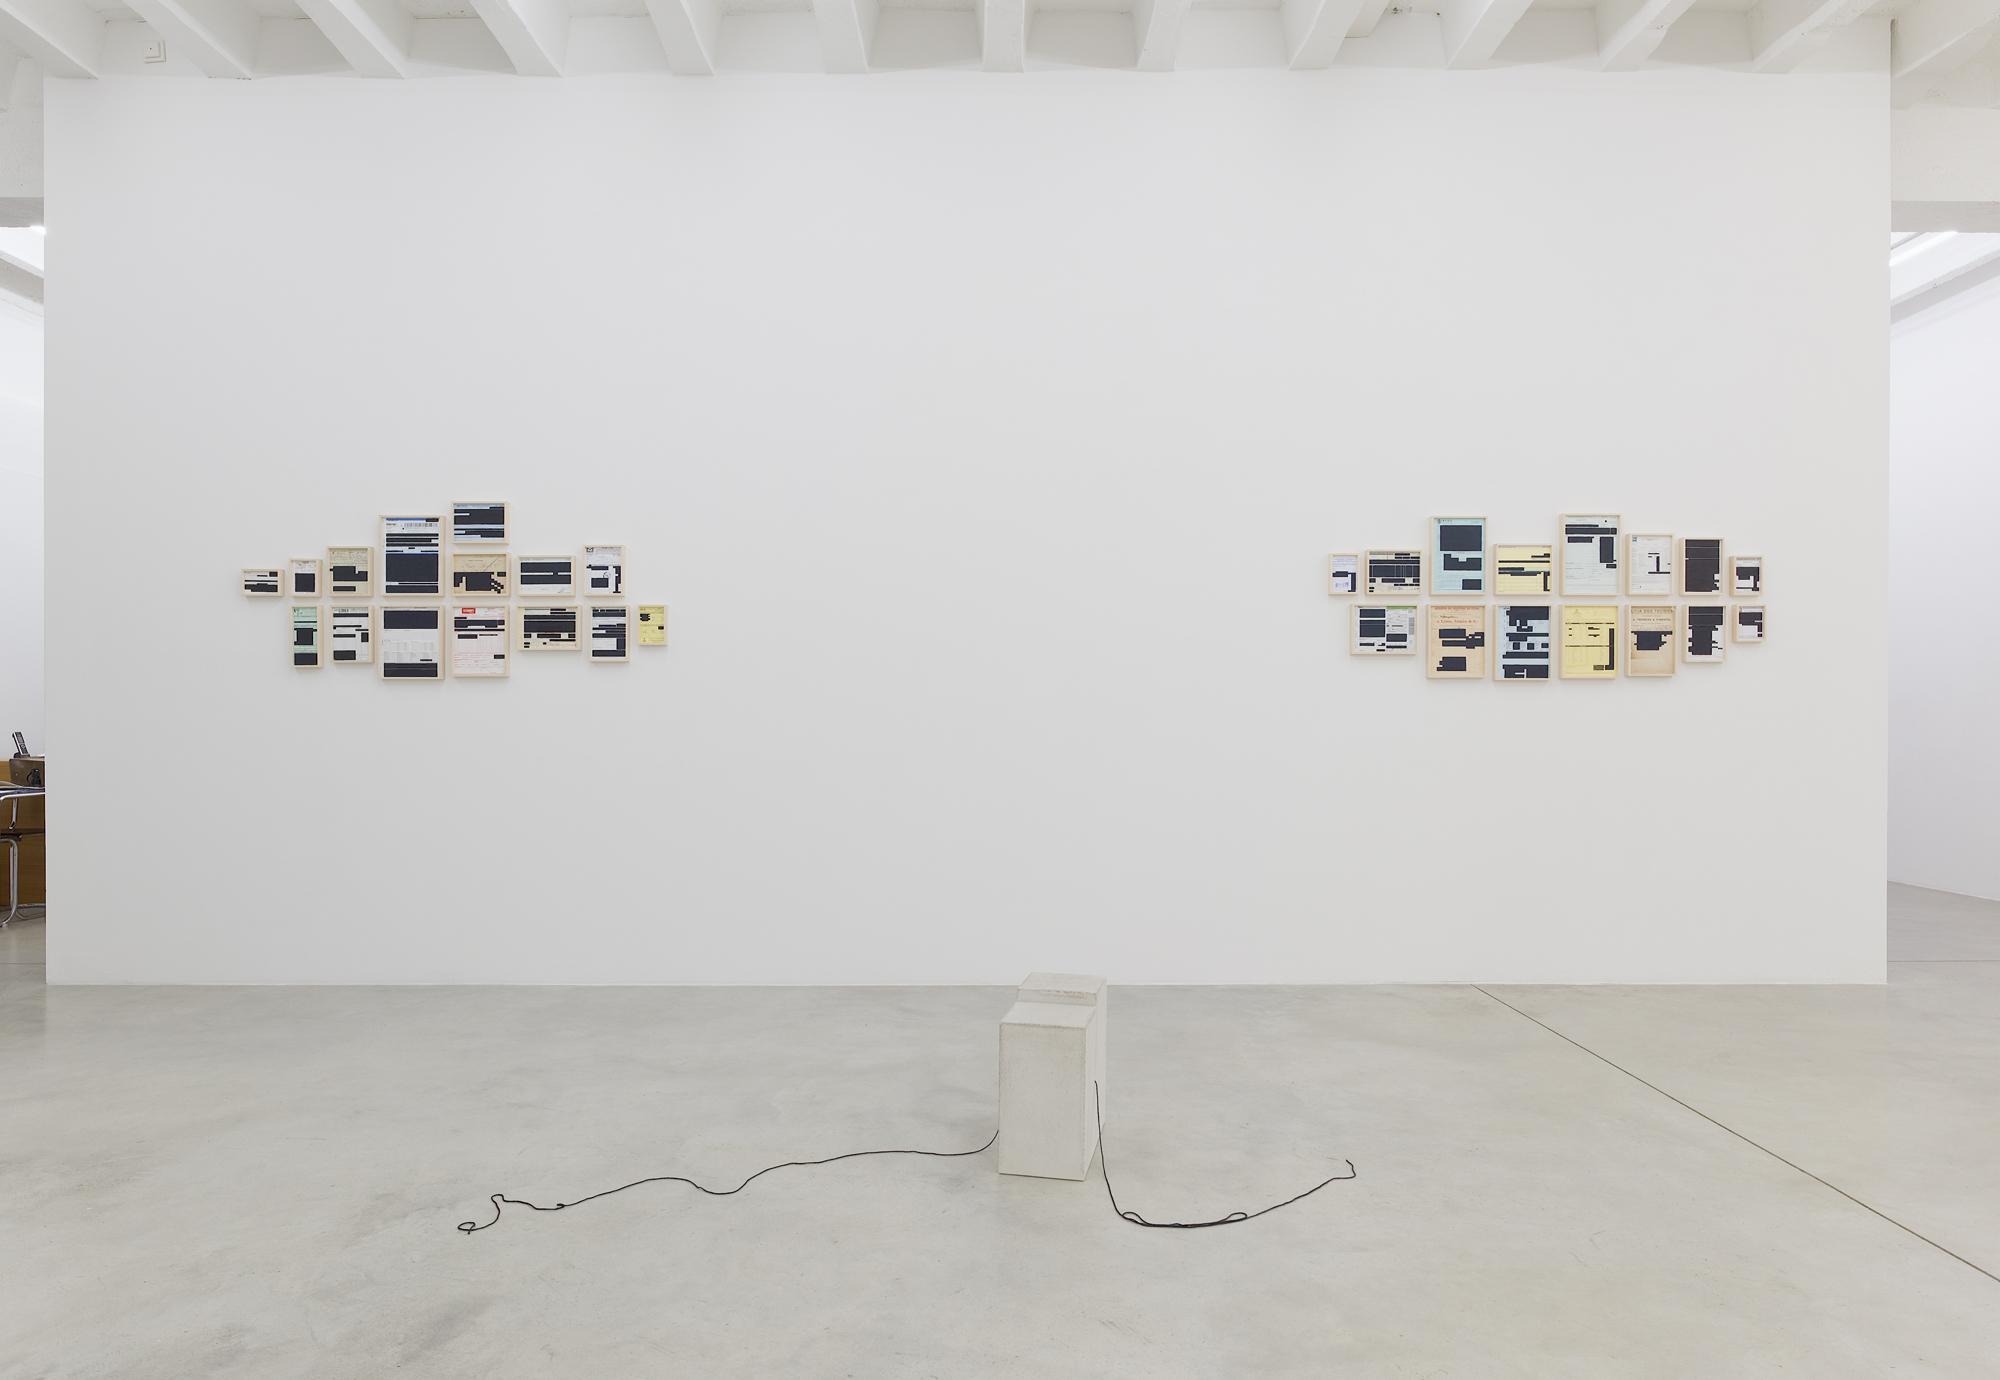 Marcius Galan, Line Weight, exhibition view, Galerija Gregor Podnar, Berlin 2017. Photo: Marcus Schneider